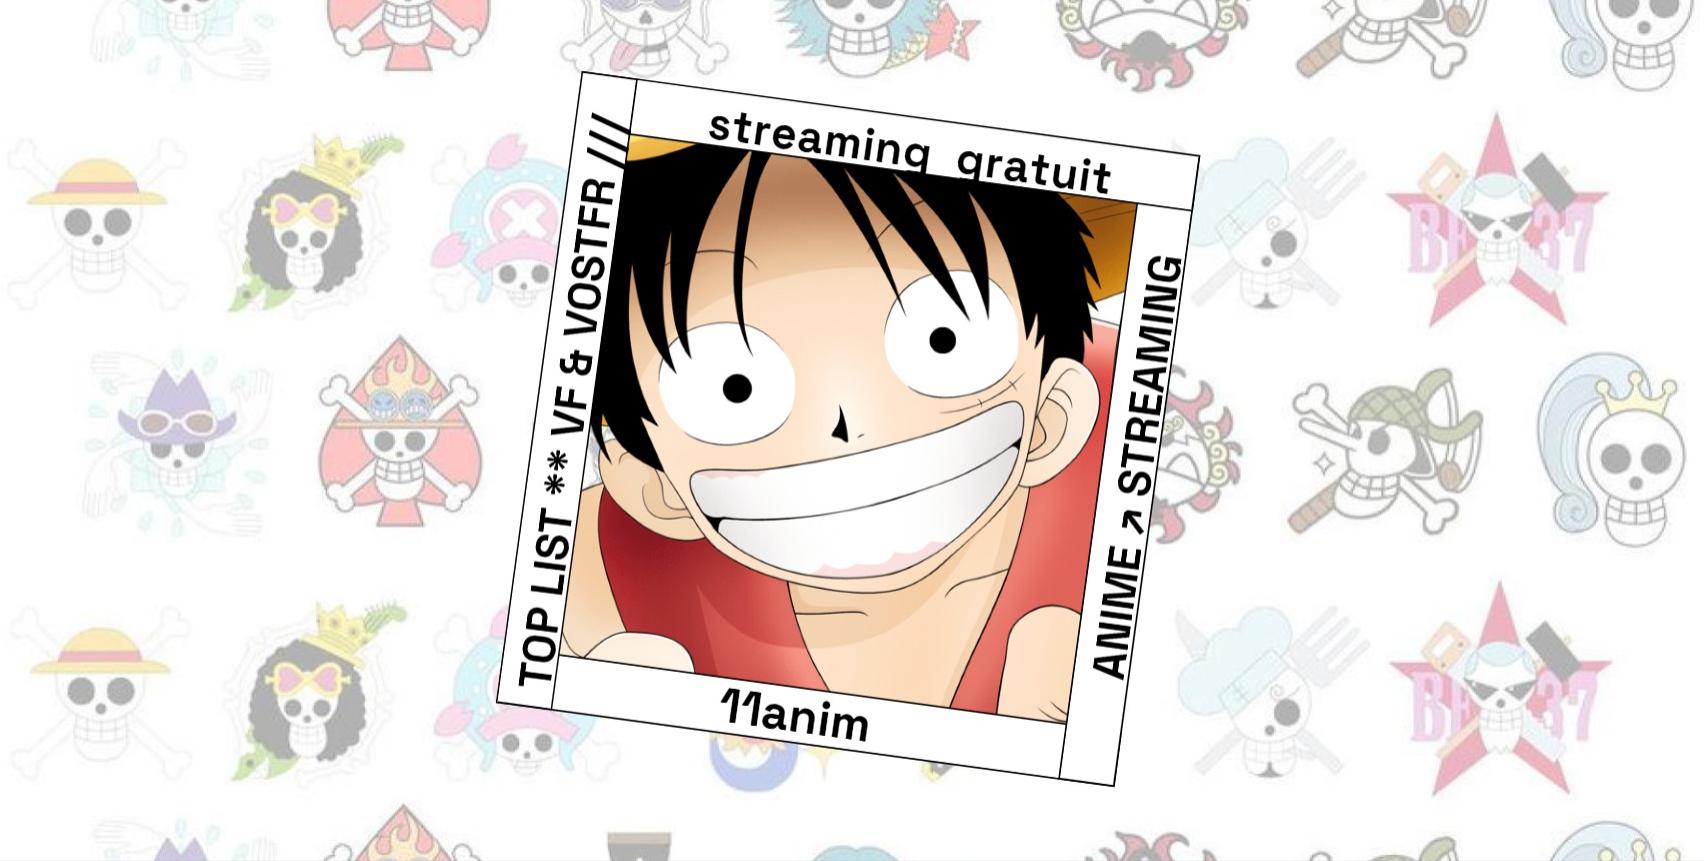 11anim : 10 Meilleurs Sites de Streaming Gratuits pour Regarder One Piece en VF